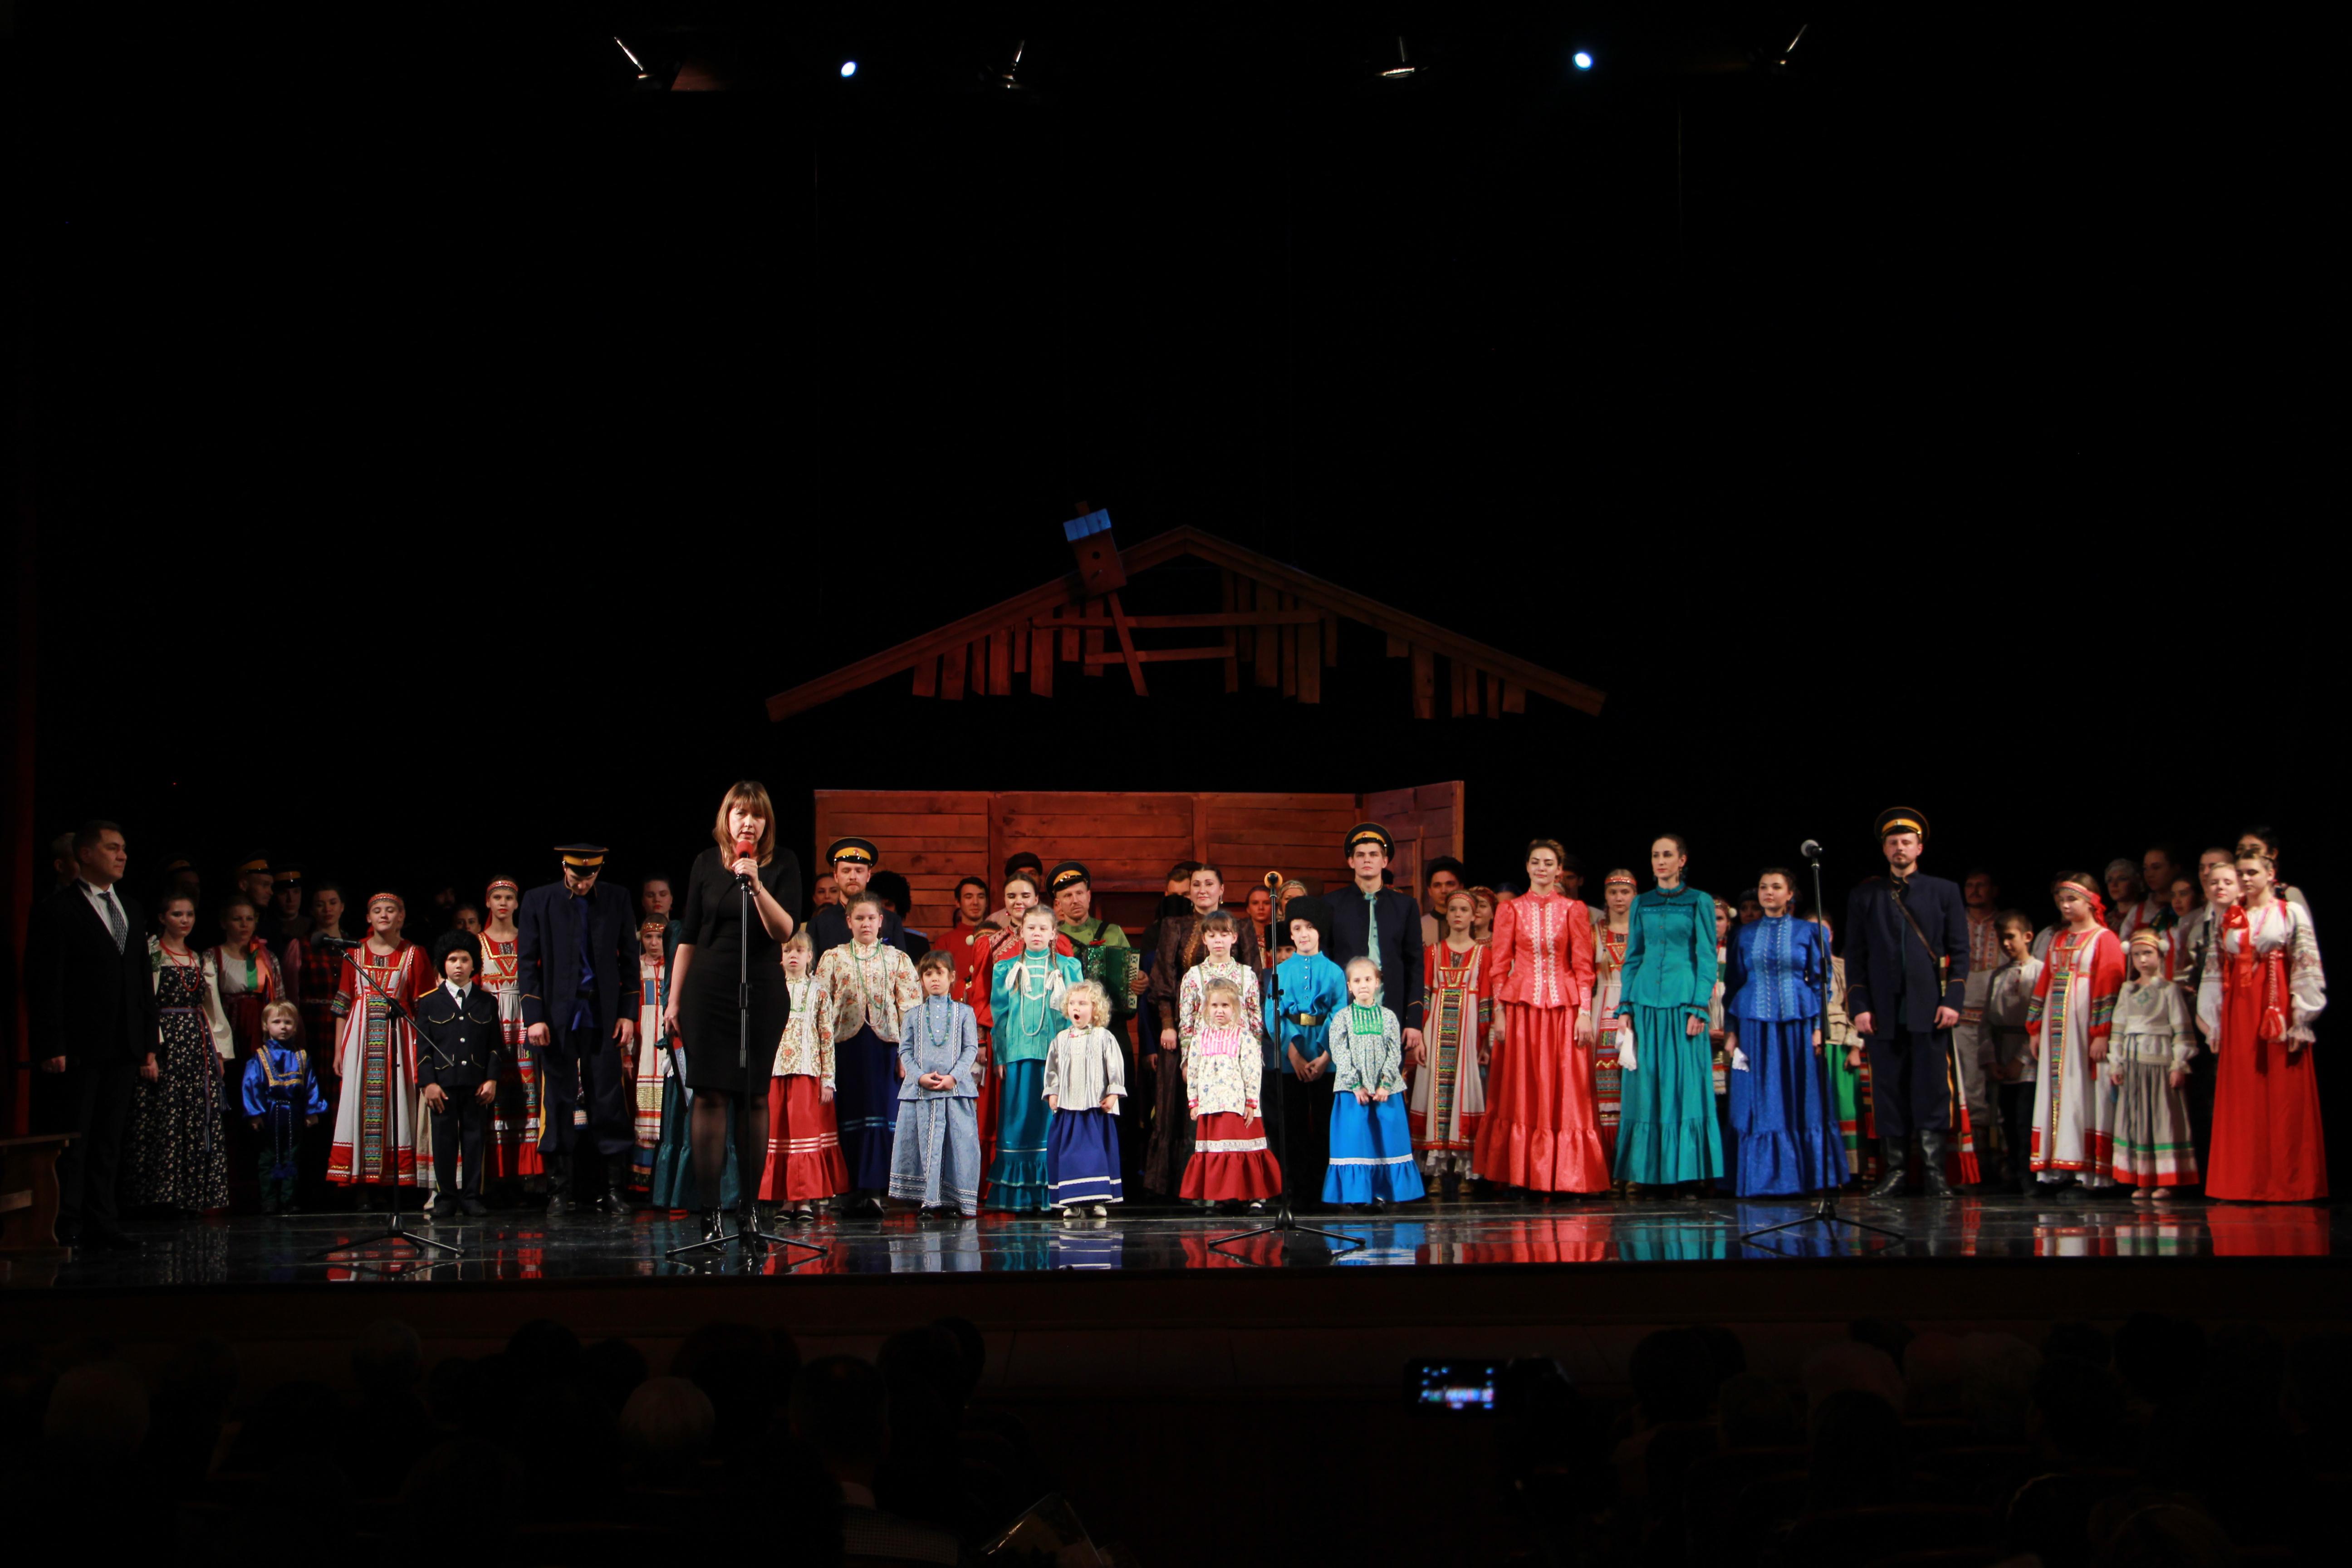 Ансамбль традиционной песни астраханских казаков отметил юбилей